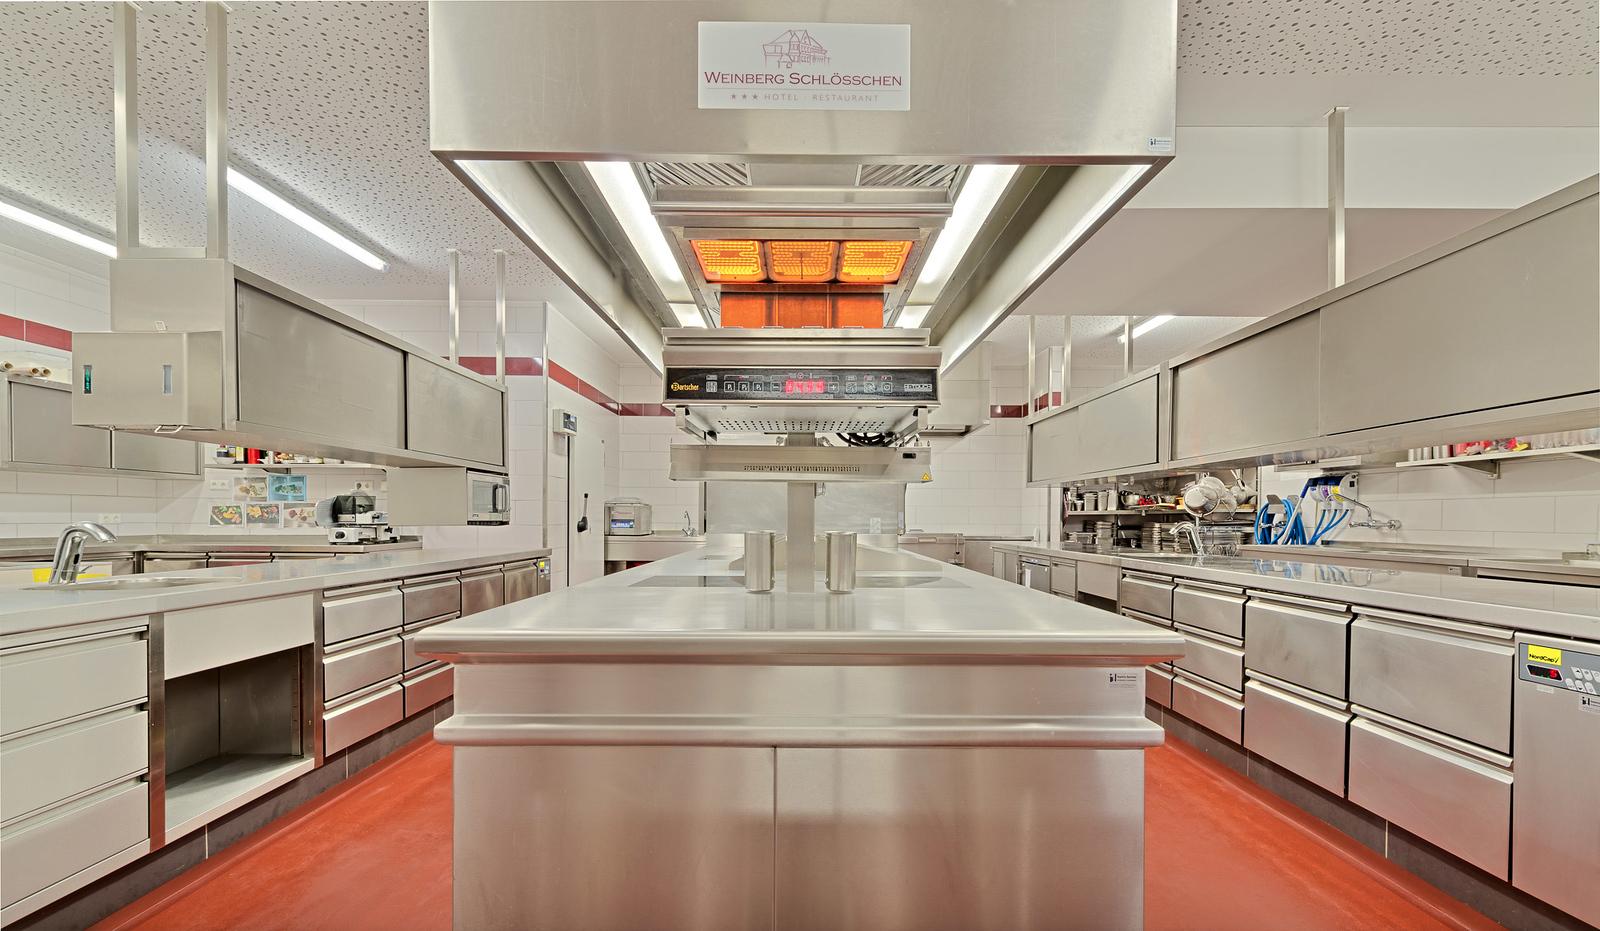 Einmal wie die Profis... Küche vom Weinbergschlösschen, Foto: © Achim Meurer www.achimmeurer.com